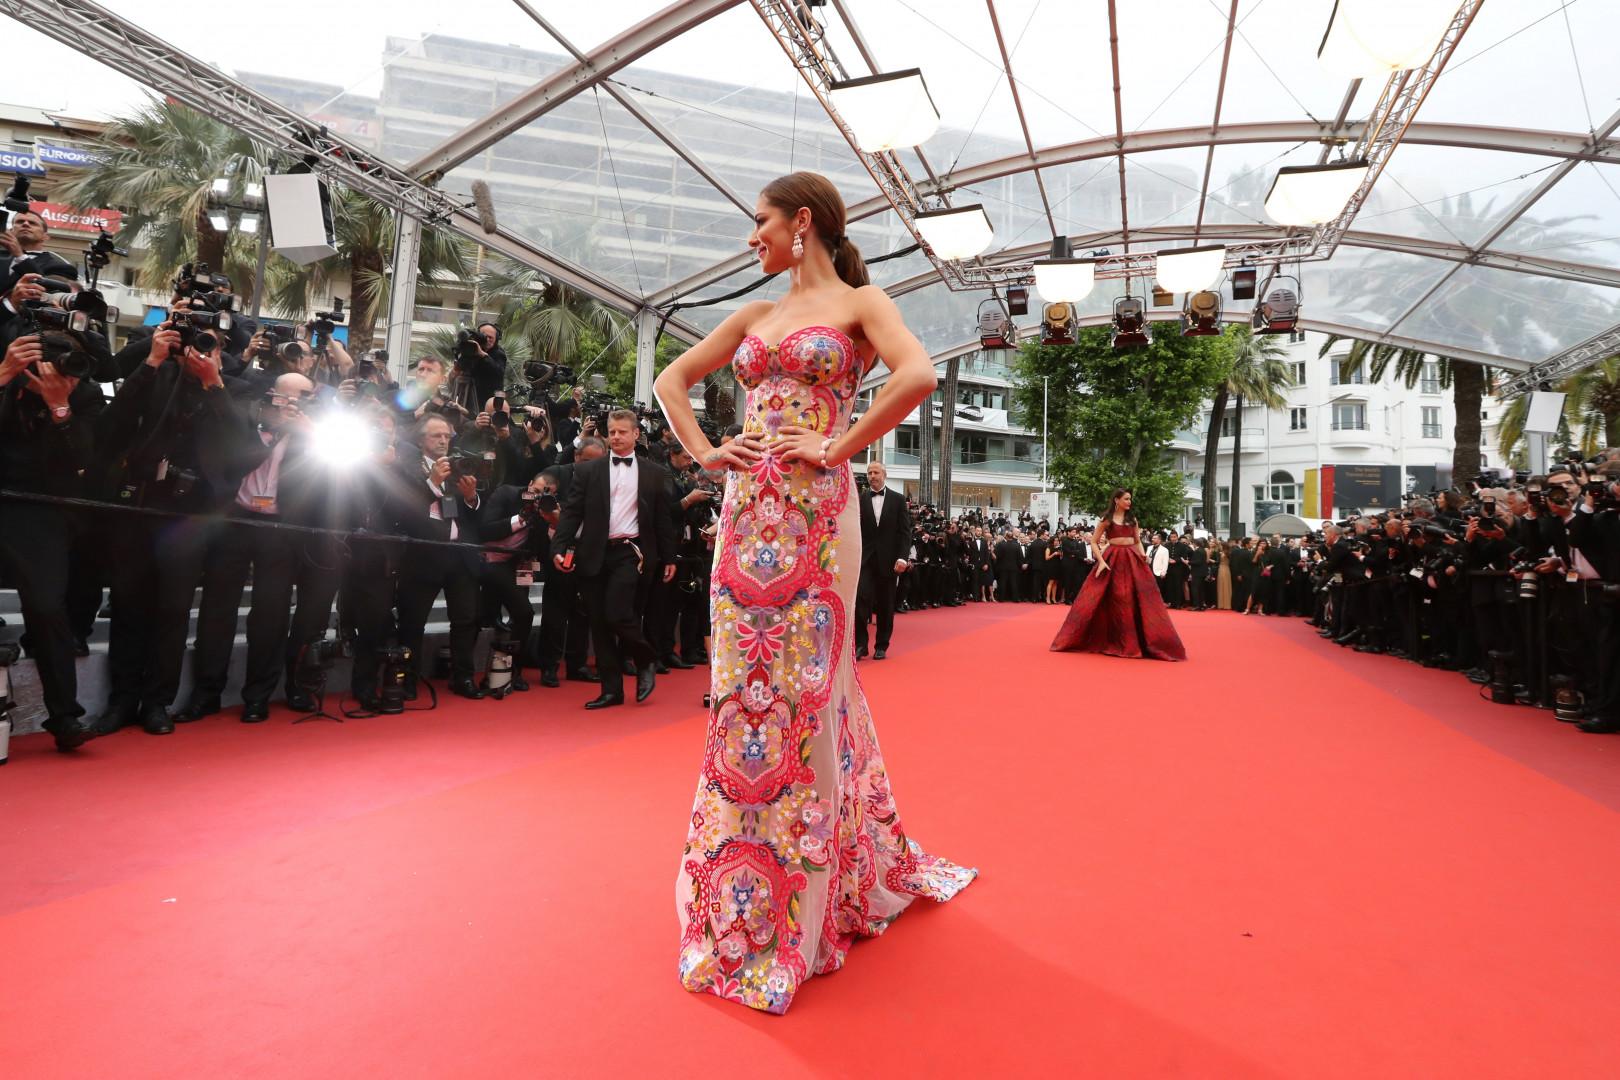 La chanteuse britannique Cheryl Cole, le 13 mai 2016, au Festival de Cannes.